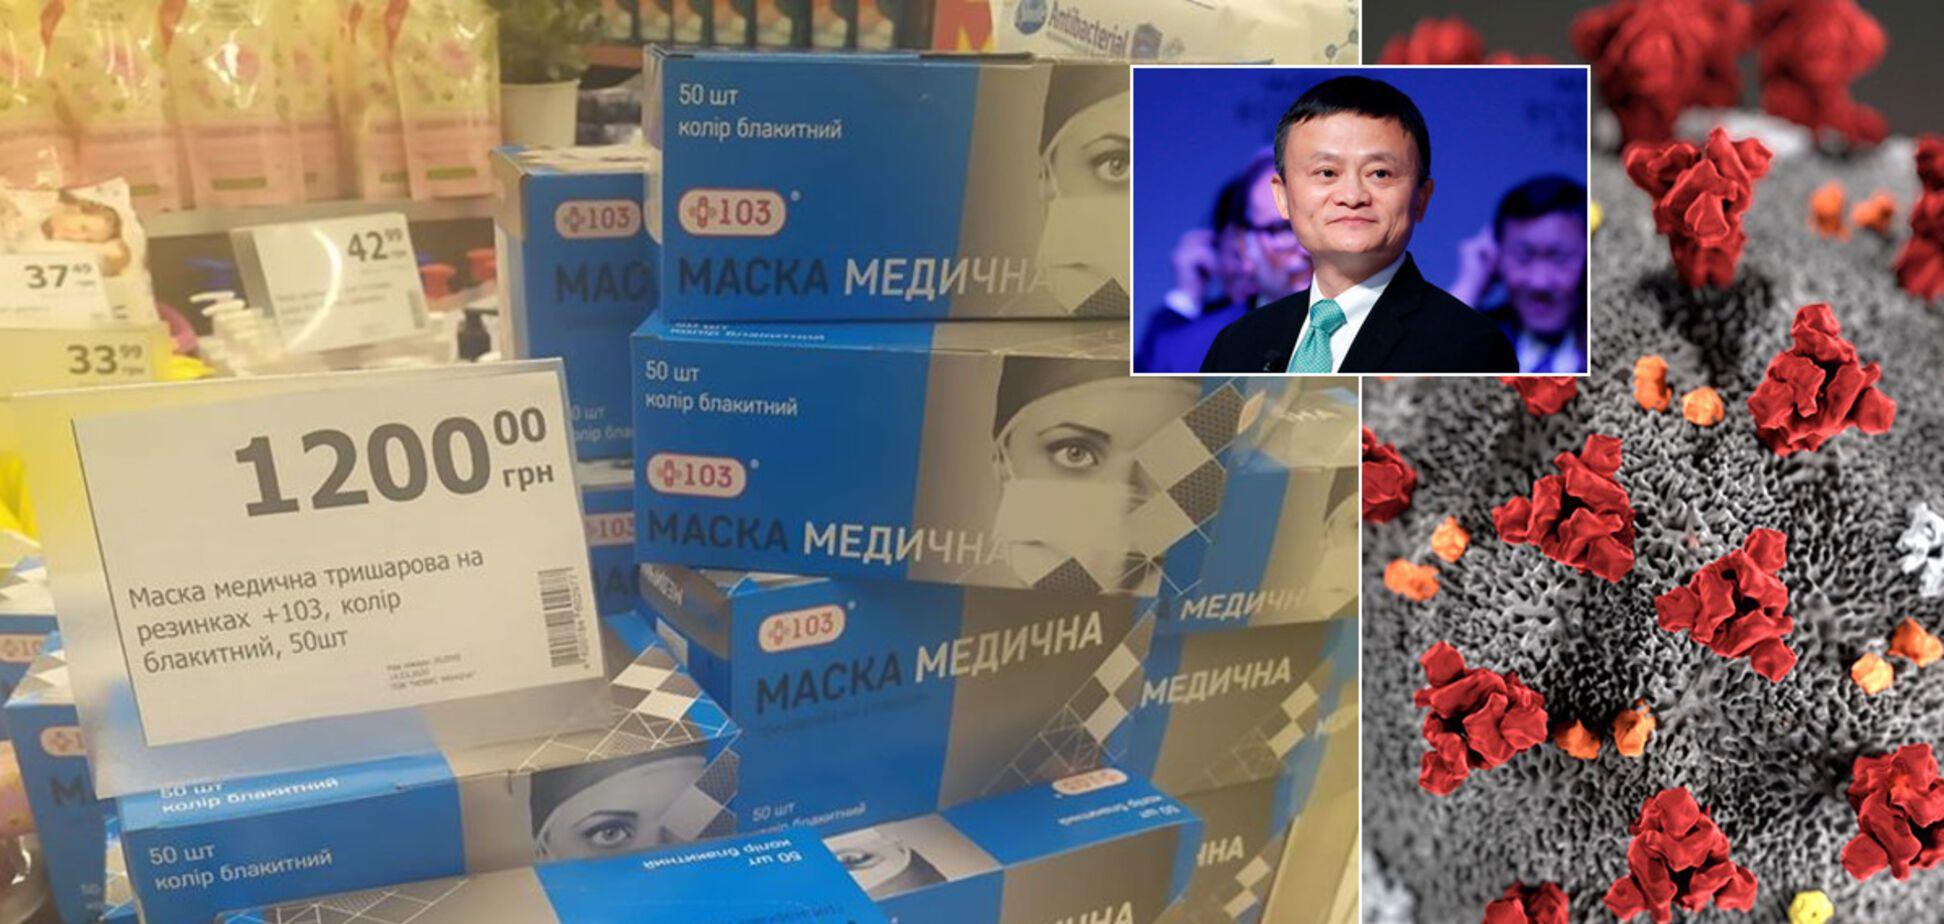 Ціни на маски накрутили в десятки разів, а за тест доведеться віддати пенсію: як ставляться до коронавірусу в Україні та у світі